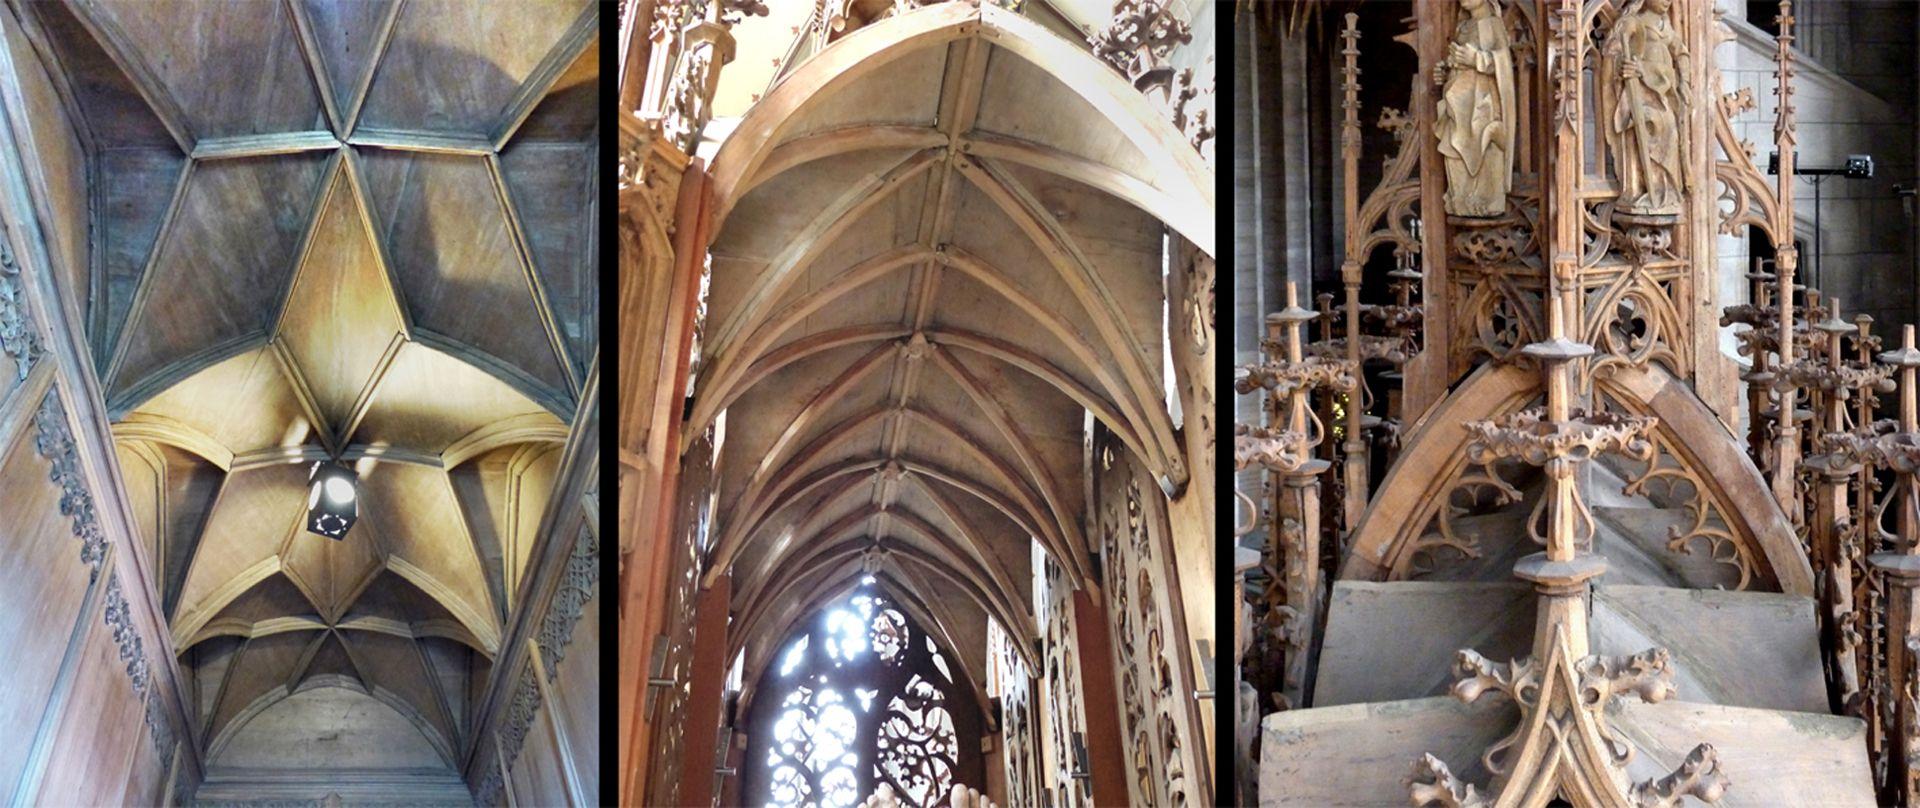 Studiolo des Anton Koberger Vergleich des Netzgewölbes mit dem Kreuzrippengewölbe in der Zwickauer Marienkirche